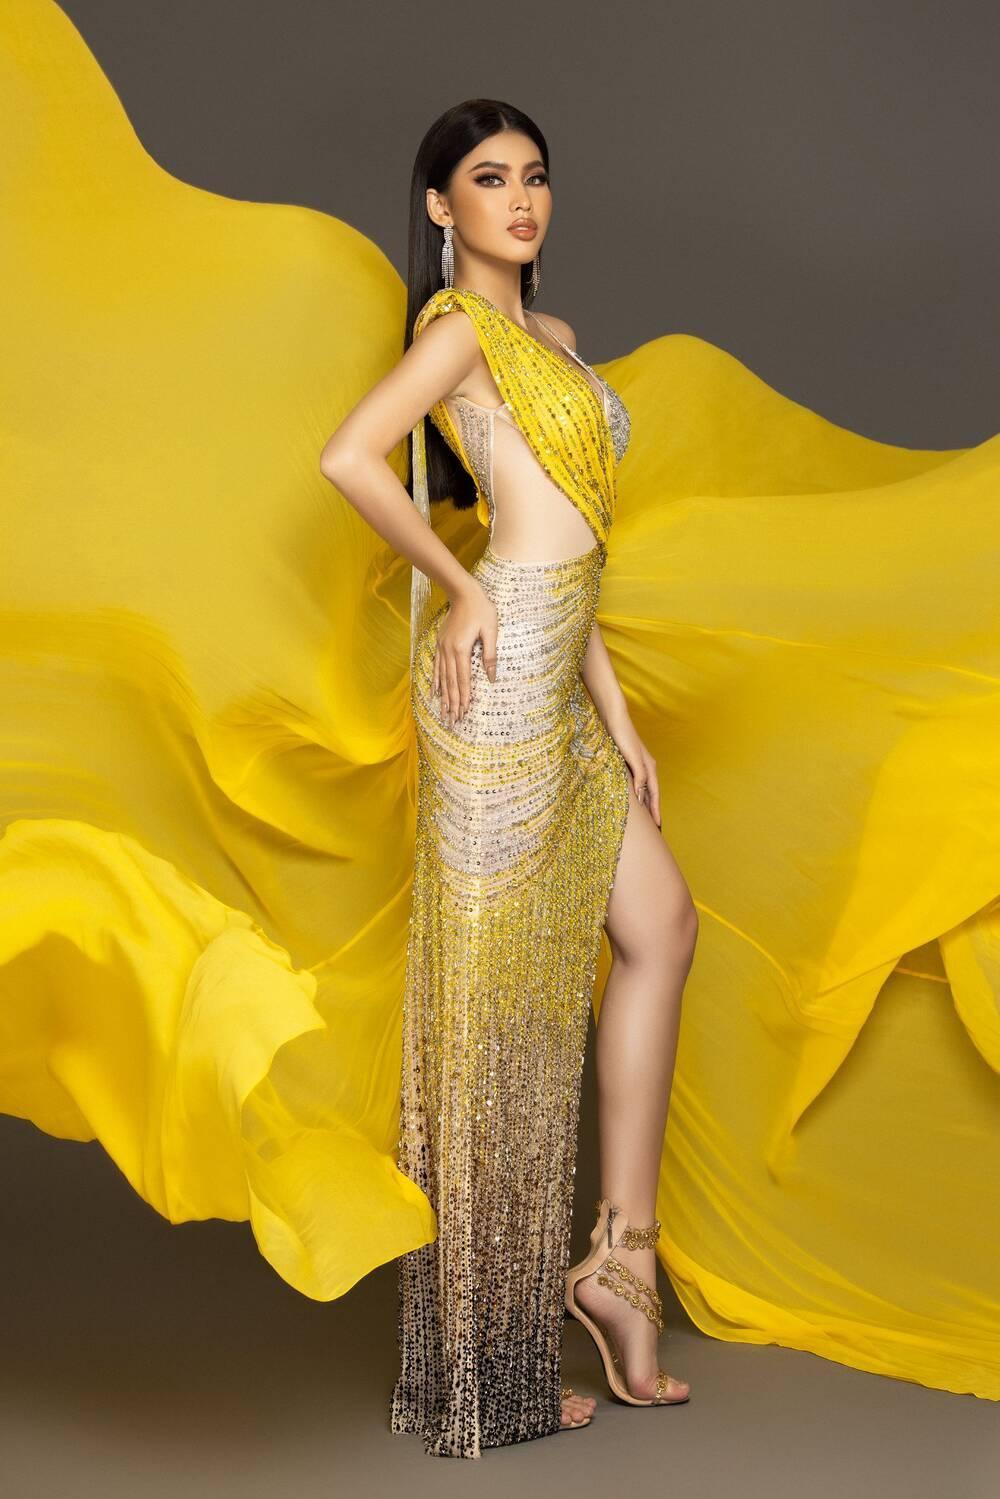 Hành trình lọt Top 20 của Ngọc Thảo: Nàng hậu 21 tuổi bản lĩnh chinh phục Miss Grand giữa mùa dịch! Ảnh 33